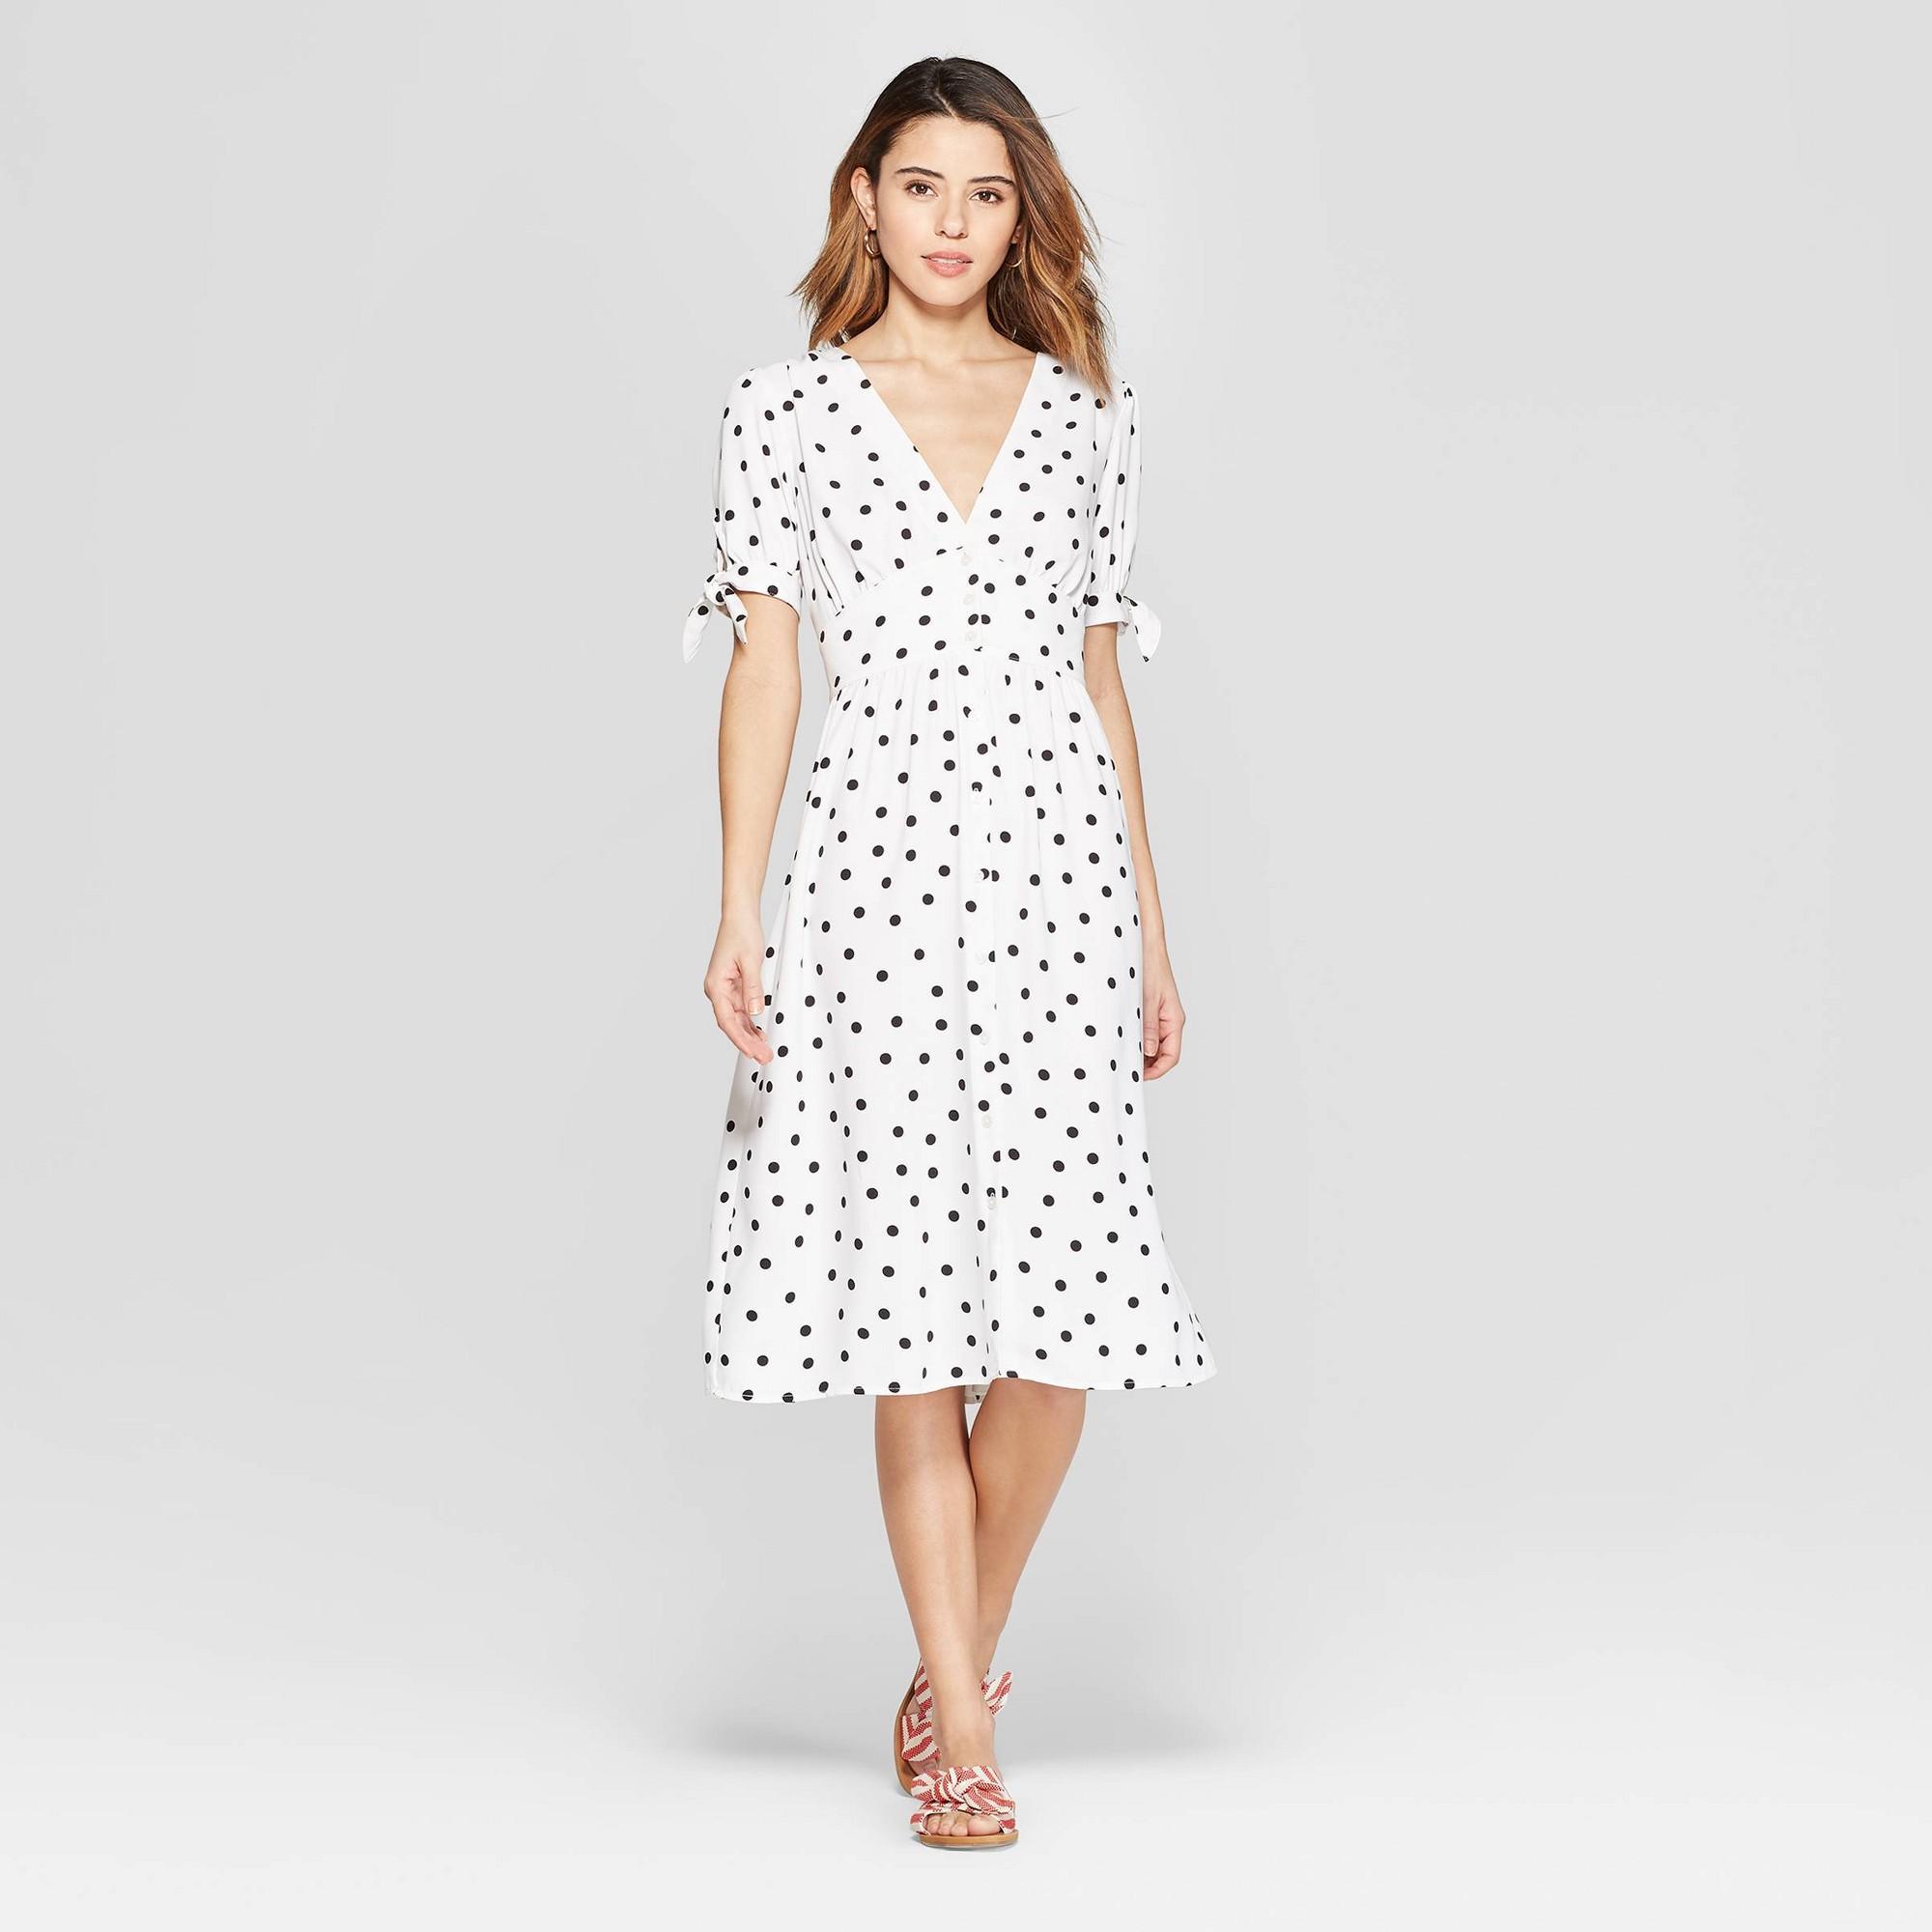 Women's Polka Dot Short Sleeve V-Neck Crepe Dress - A New Day Cream/Black XS, Beige